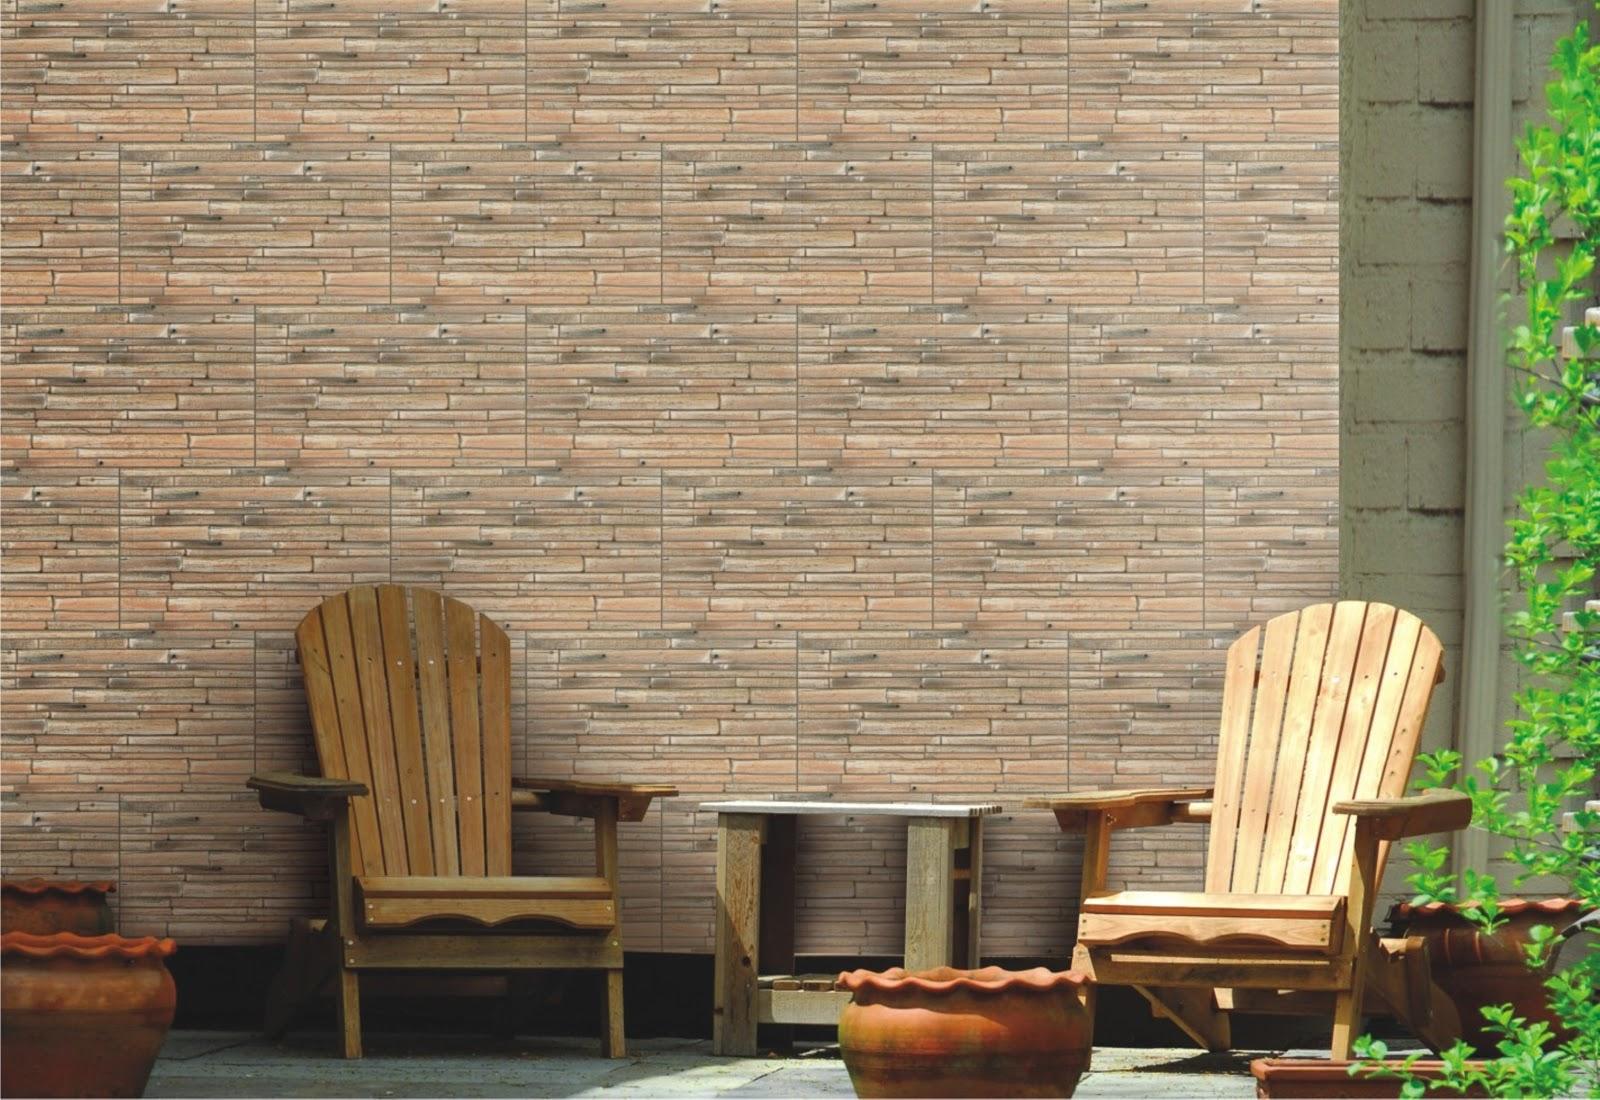 3d elevation tiles venezia capstone launched by rak ceramics 3d elevation tiles venezia capstone launched by rak ceramics dailygadgetfo Image collections